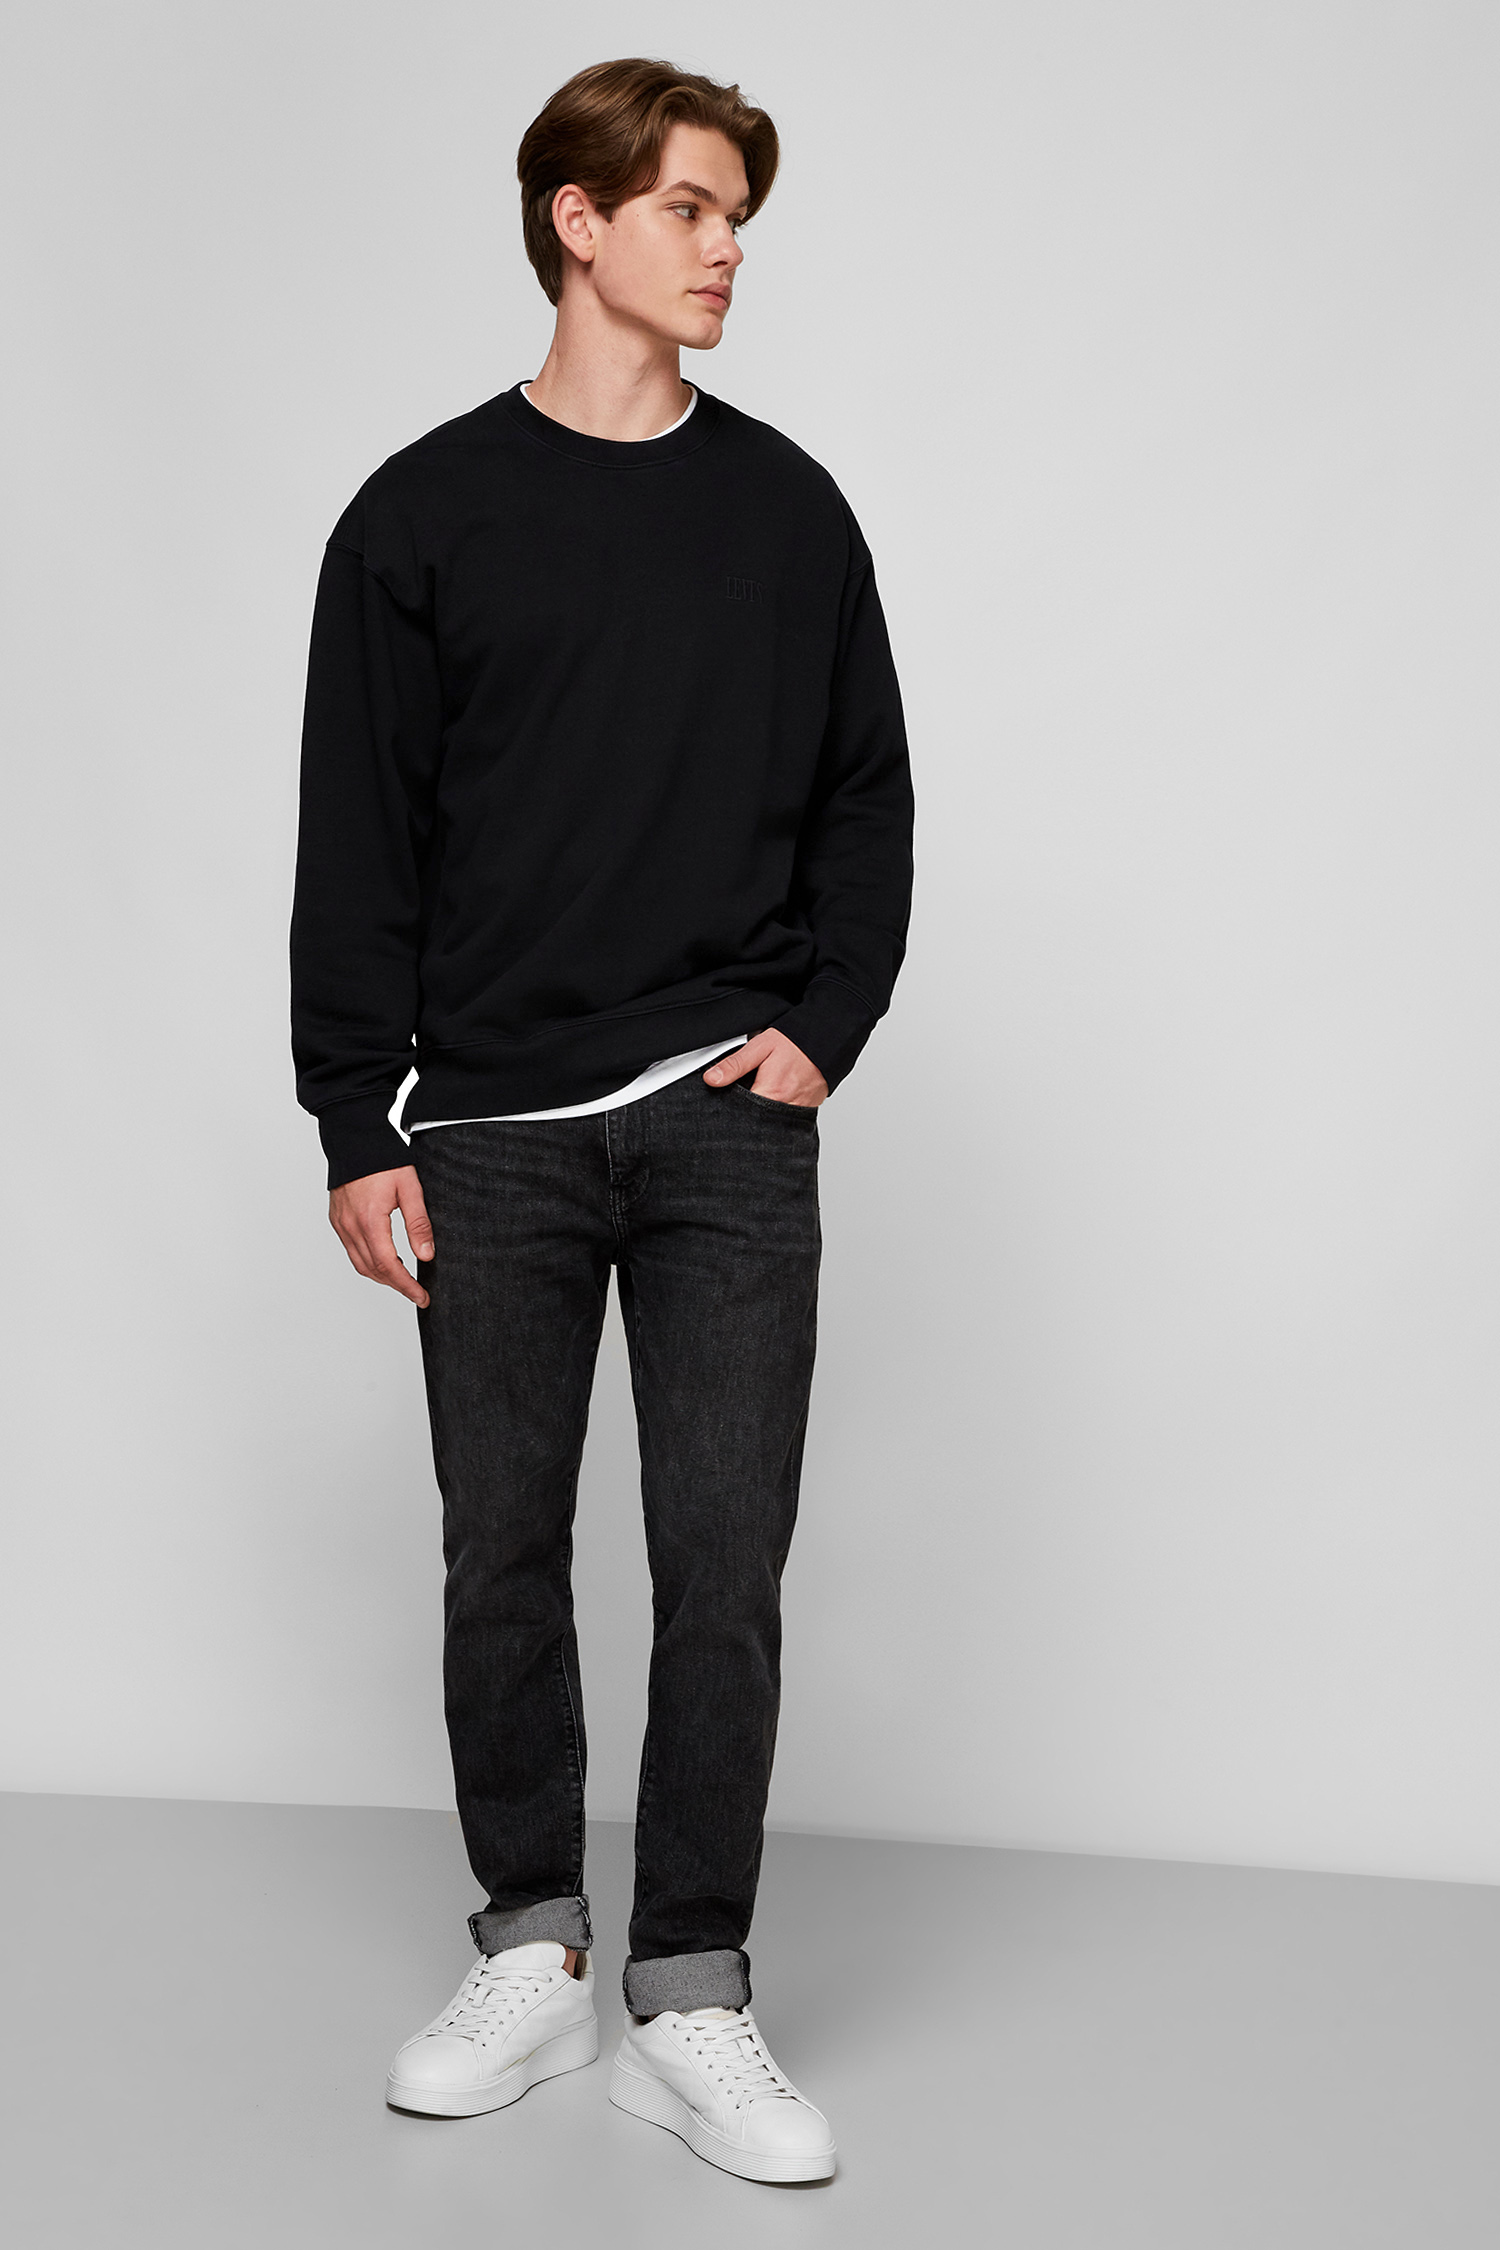 Черный свитшот для парней Levi's 85531;0001